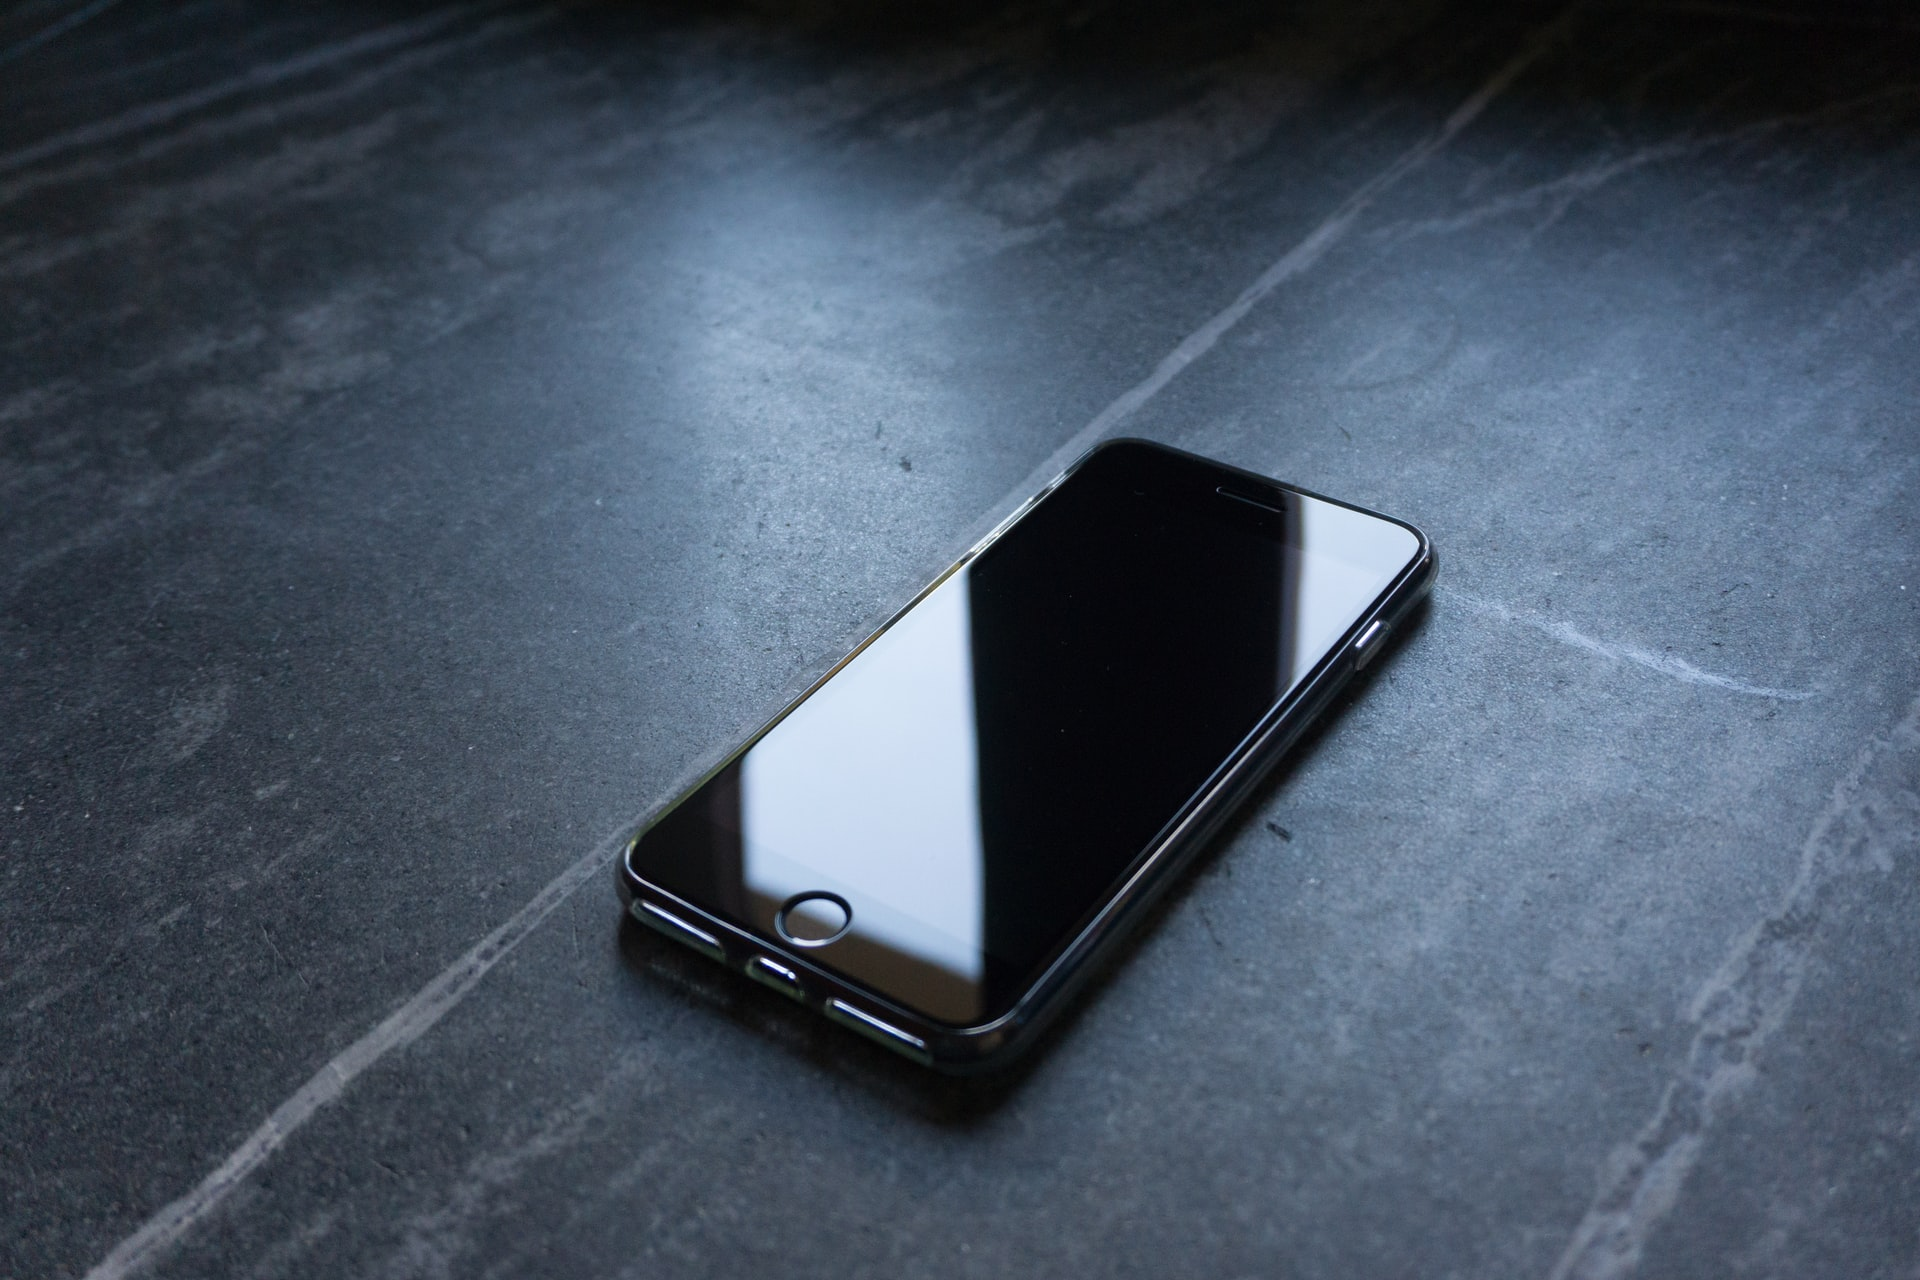 L'iPhone SE (2020) dans toute sa splendeur